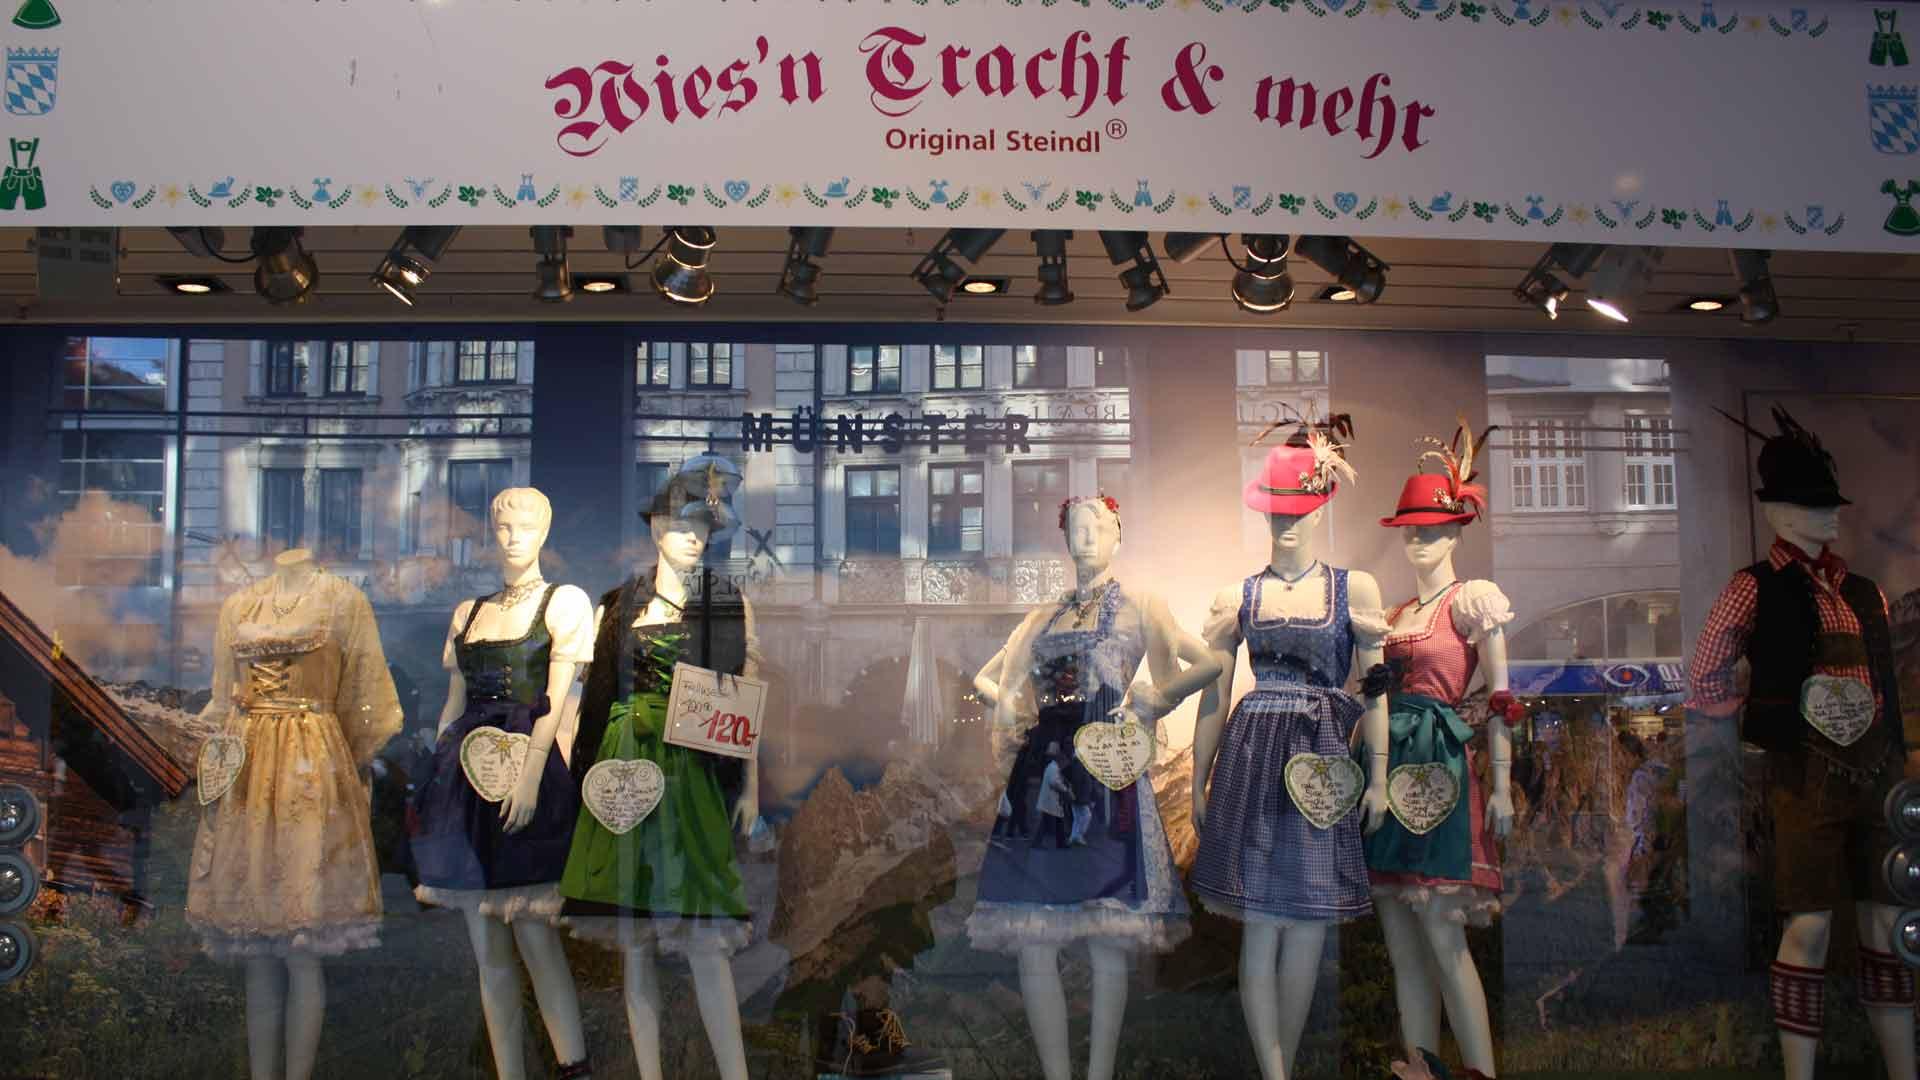 Misschien zijn de Dirndls wel in de uitverkoop in München.